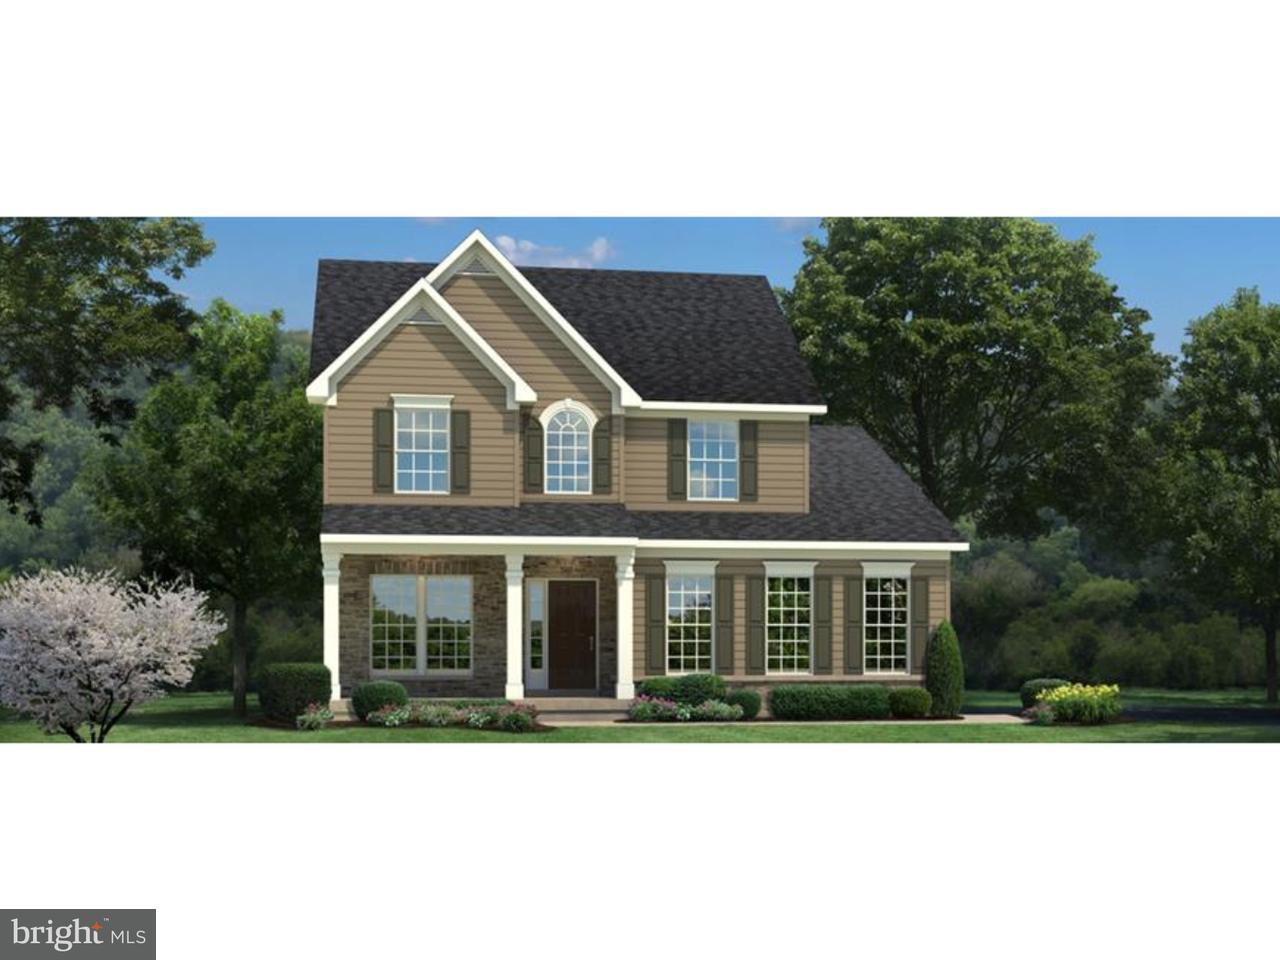 Частный односемейный дом для того Продажа на 2010 STARGAZERS Road Romansville, Пенсильвания 19320 Соединенные Штаты